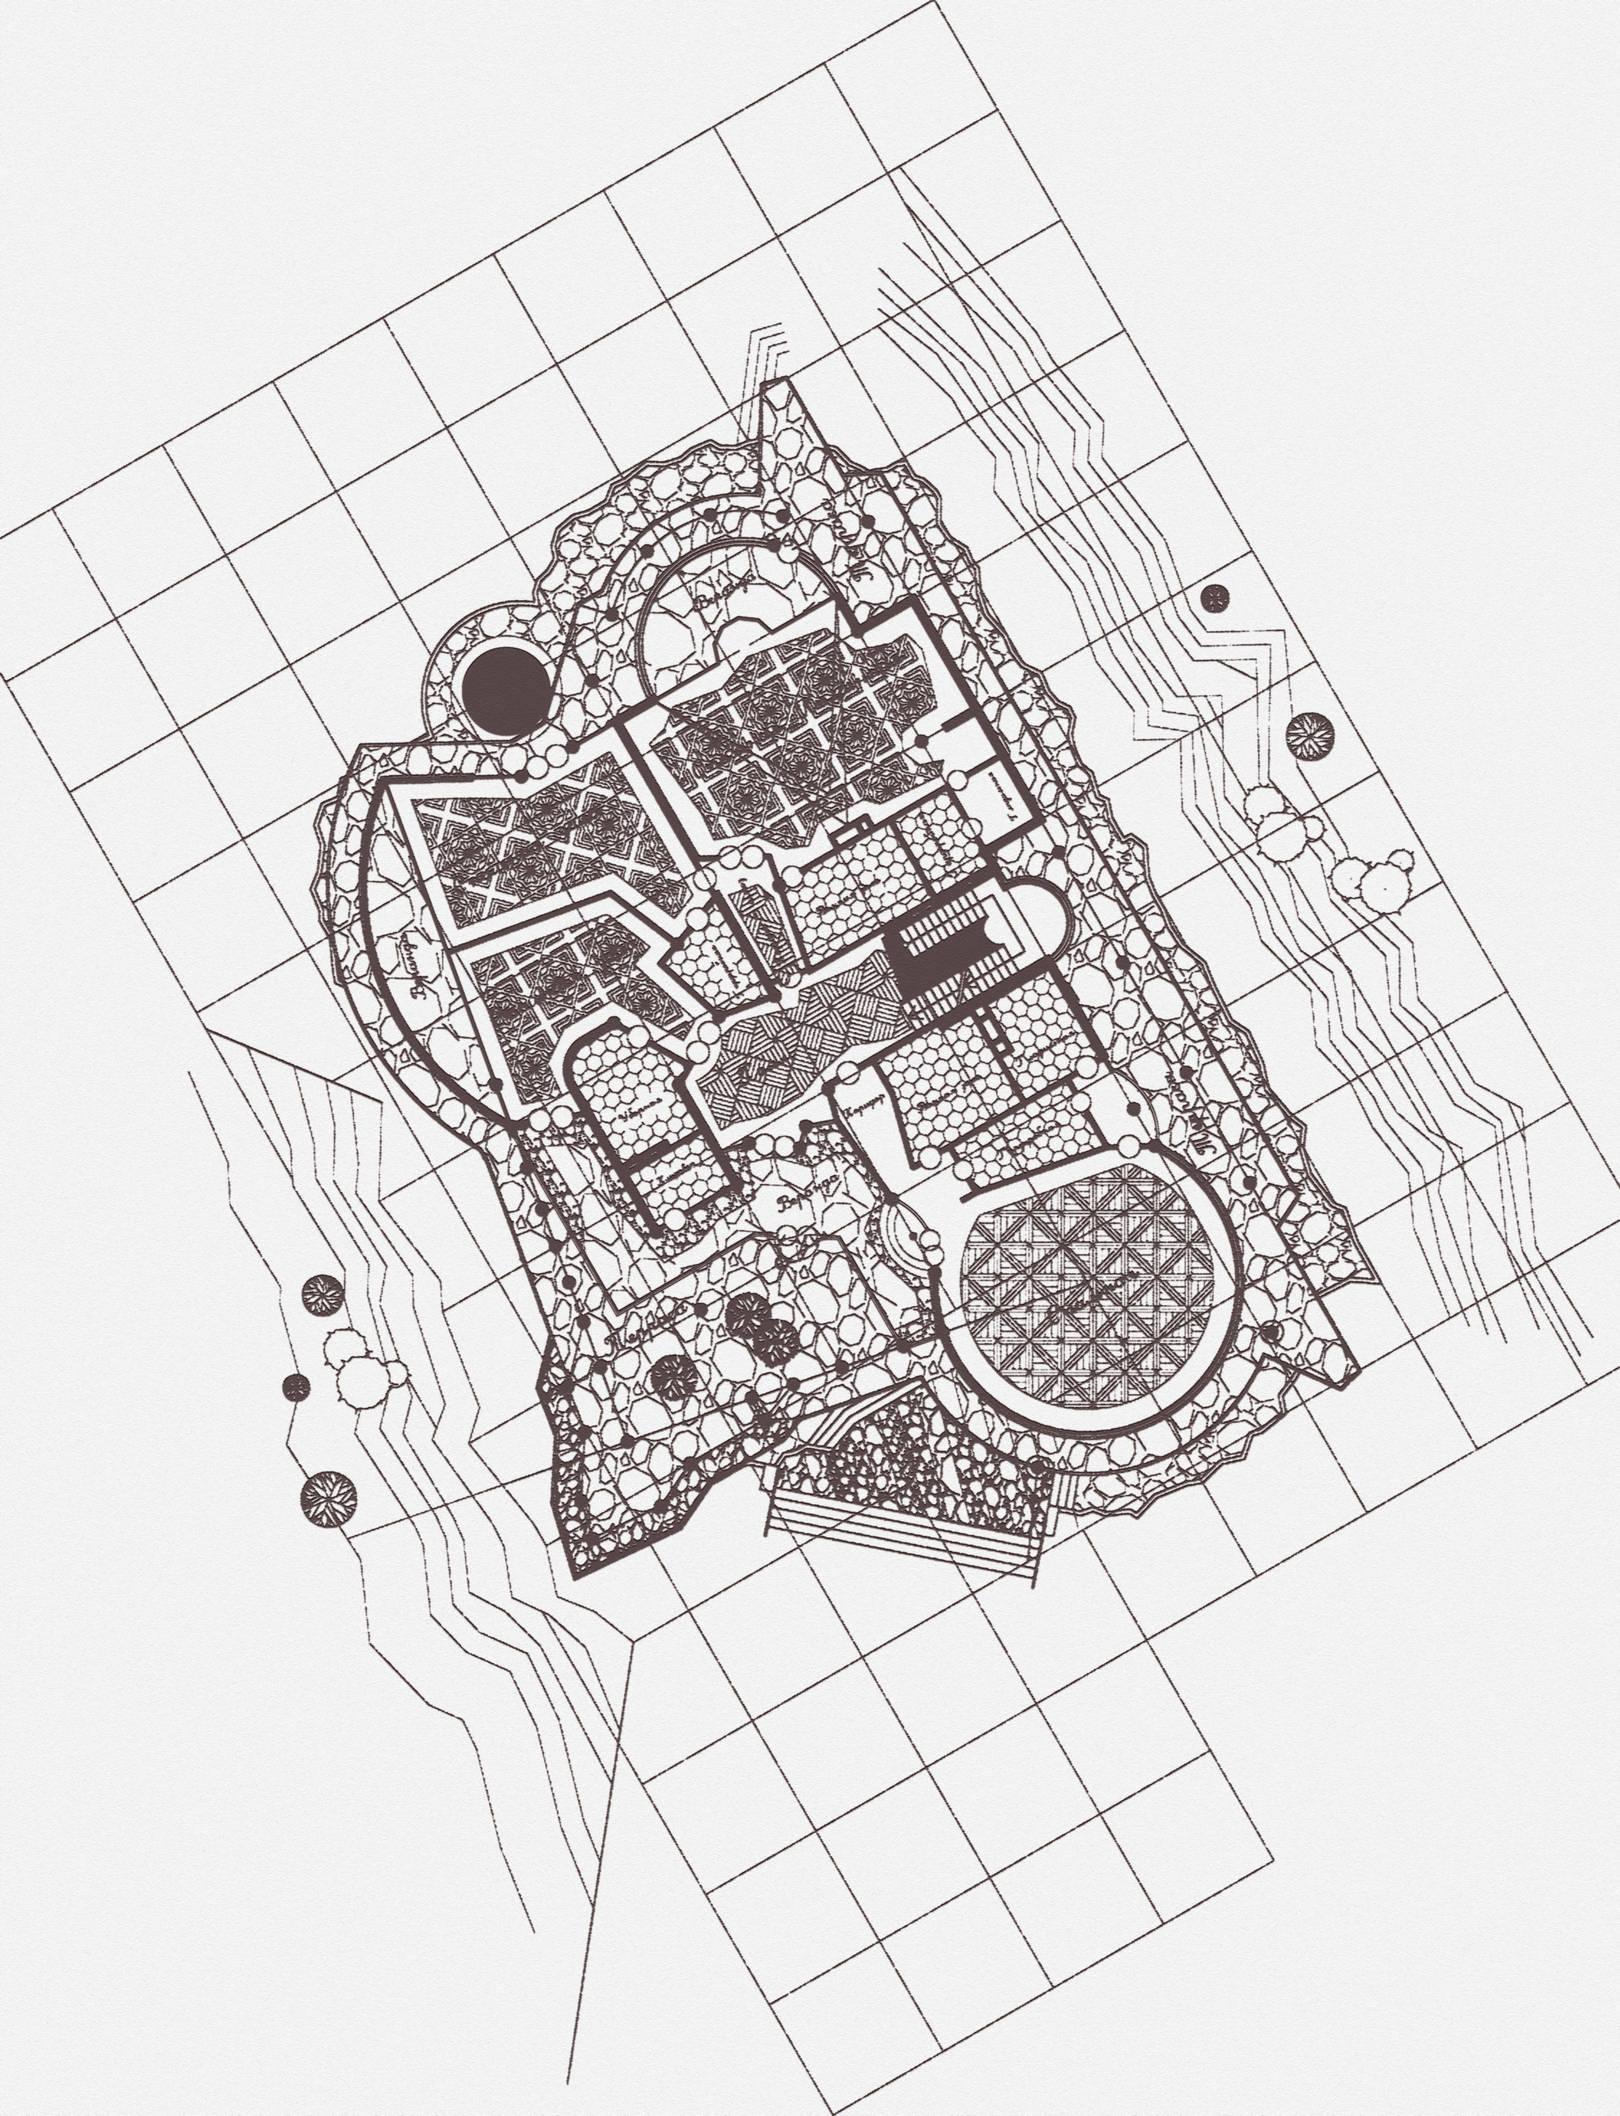 ВИЛЛА. План второго этажа. (Один из Вариантов.)